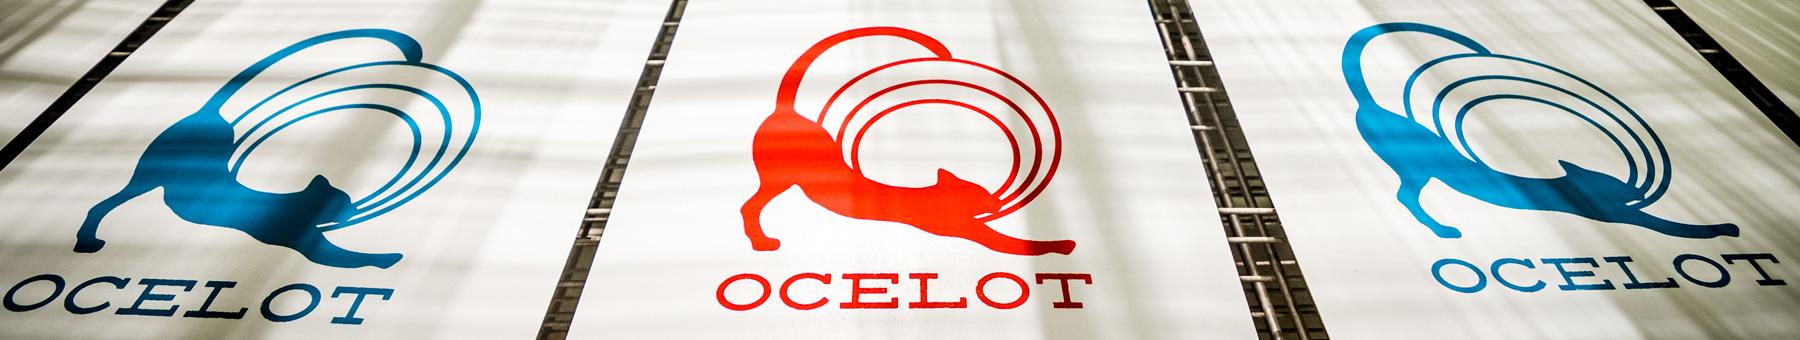 Ocelot Print Shop